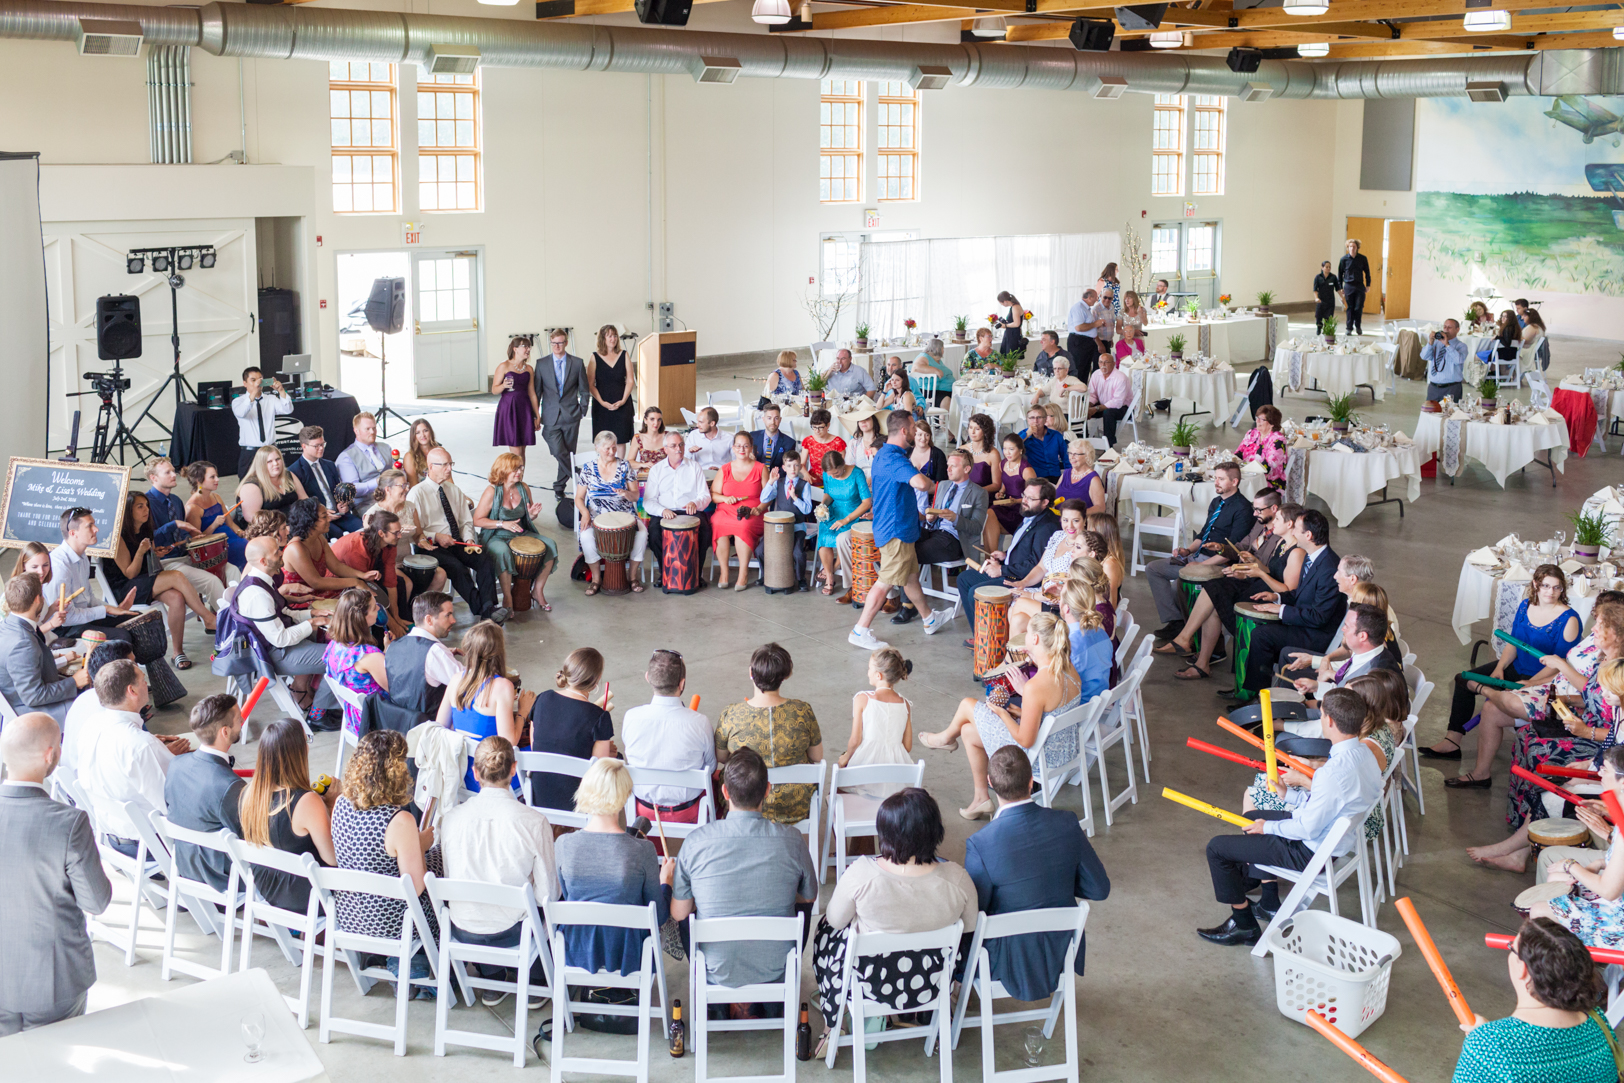 Blanchford Hangar Wedding Reception